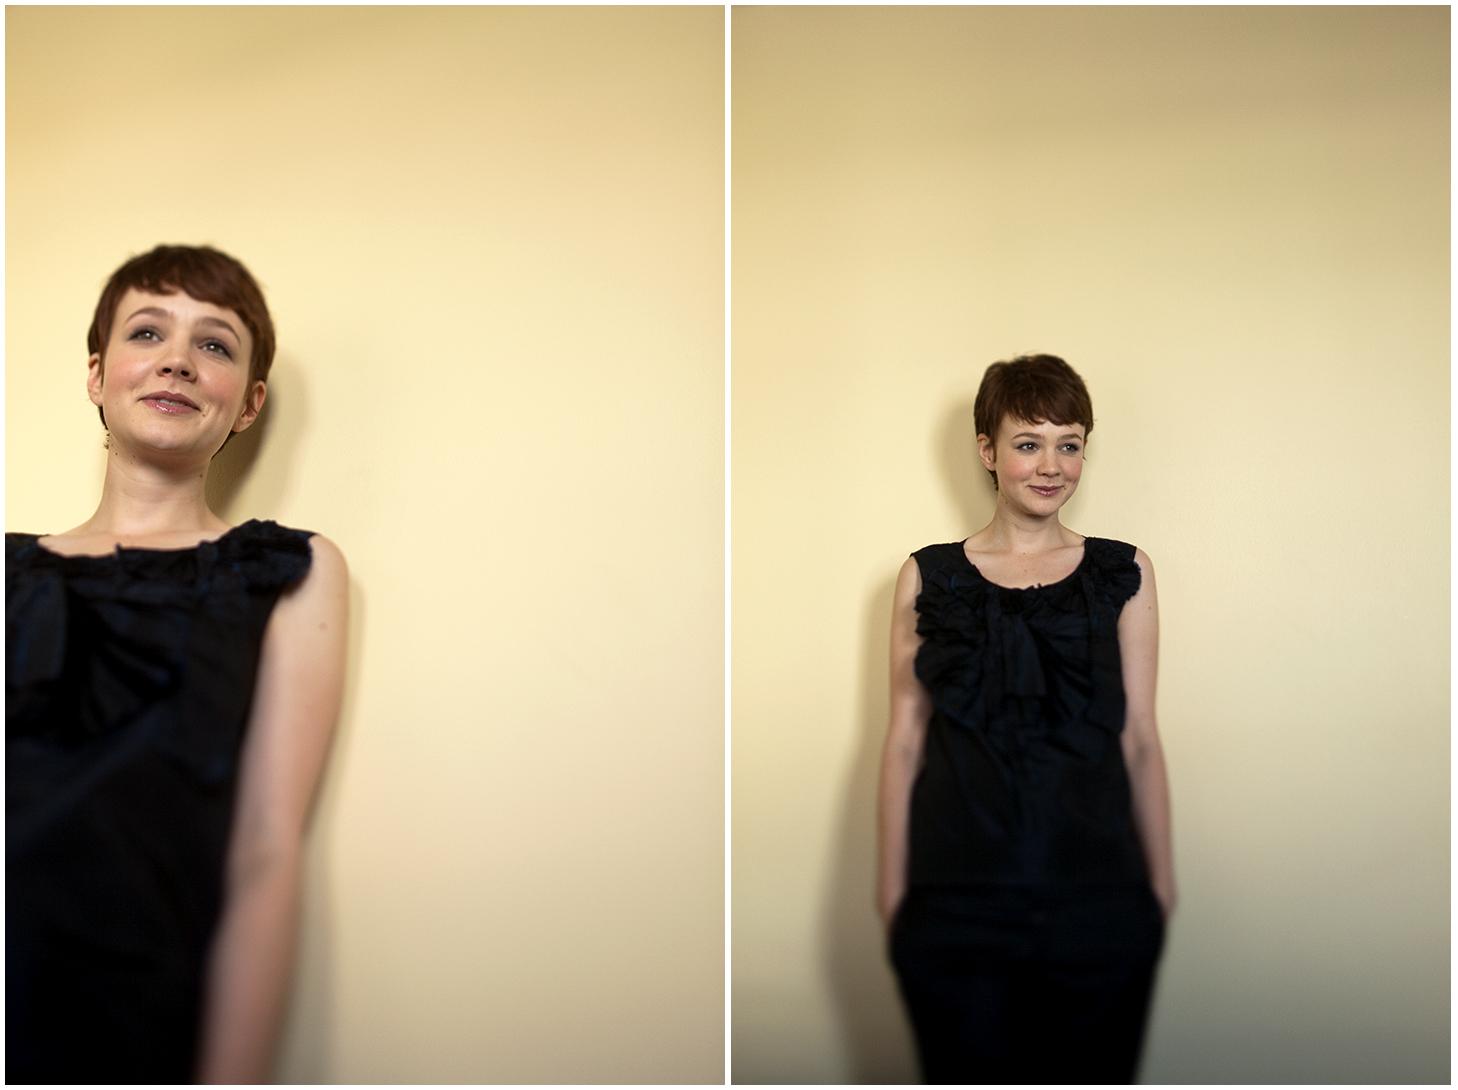 Carey Mulligan - Actress